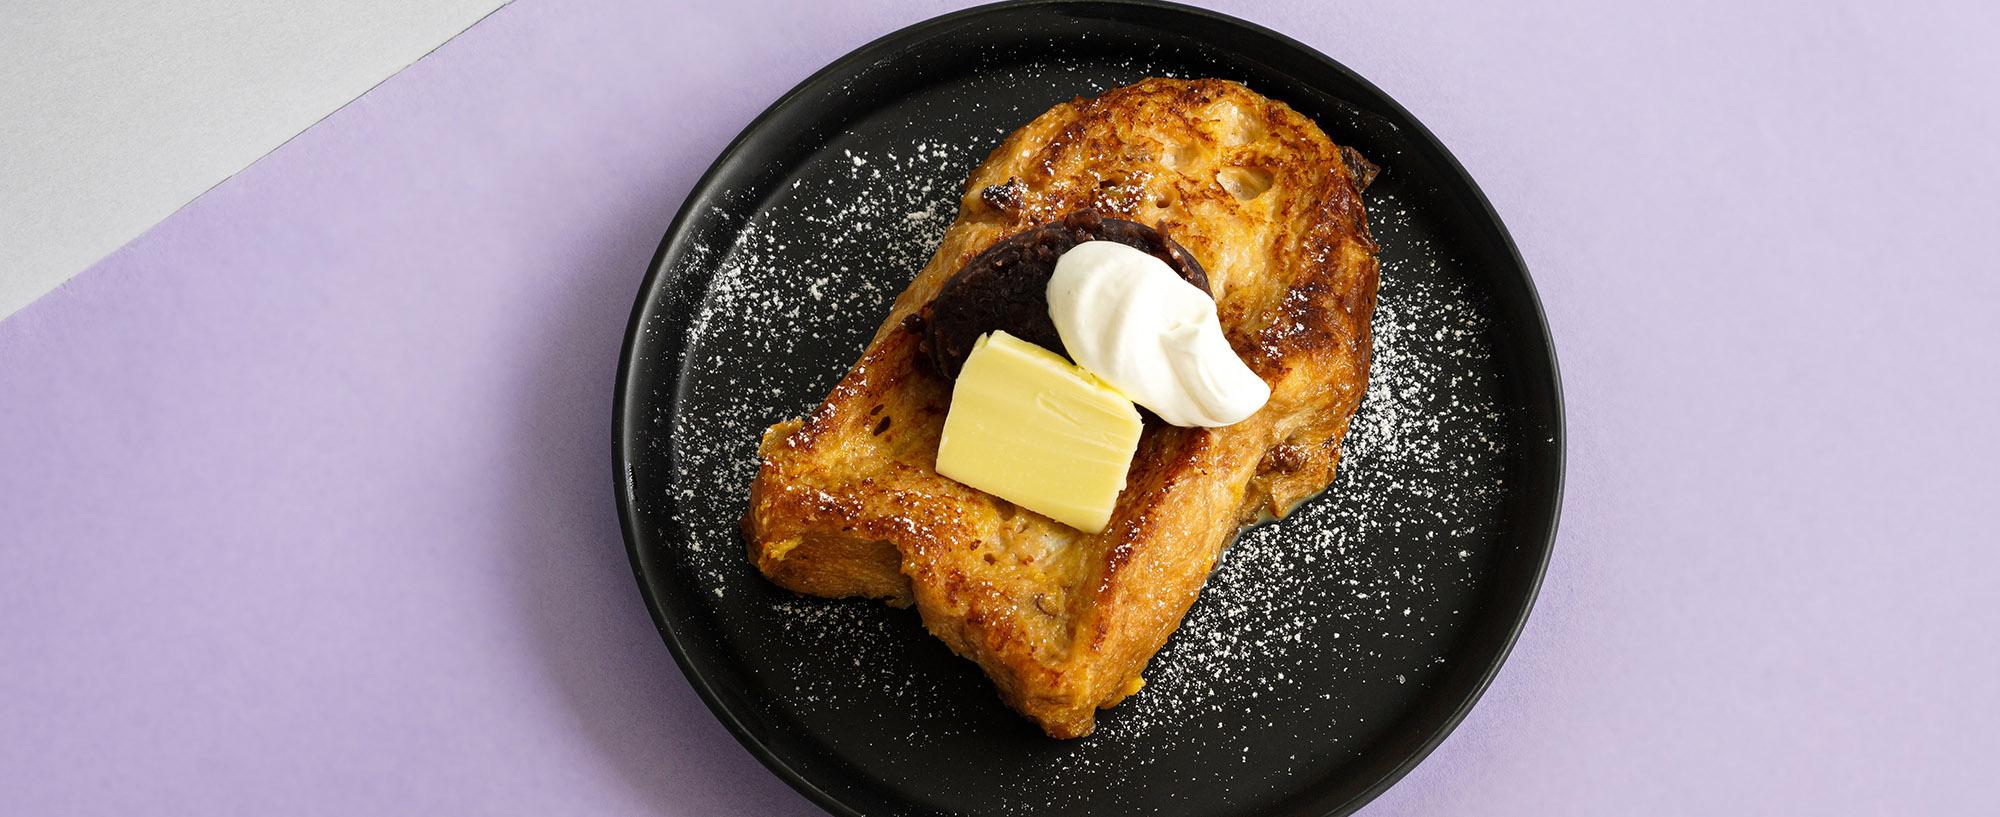 D.EのMENU : 自家製ブレッドのフレンチトースト あんことバターとホイップの画像です。